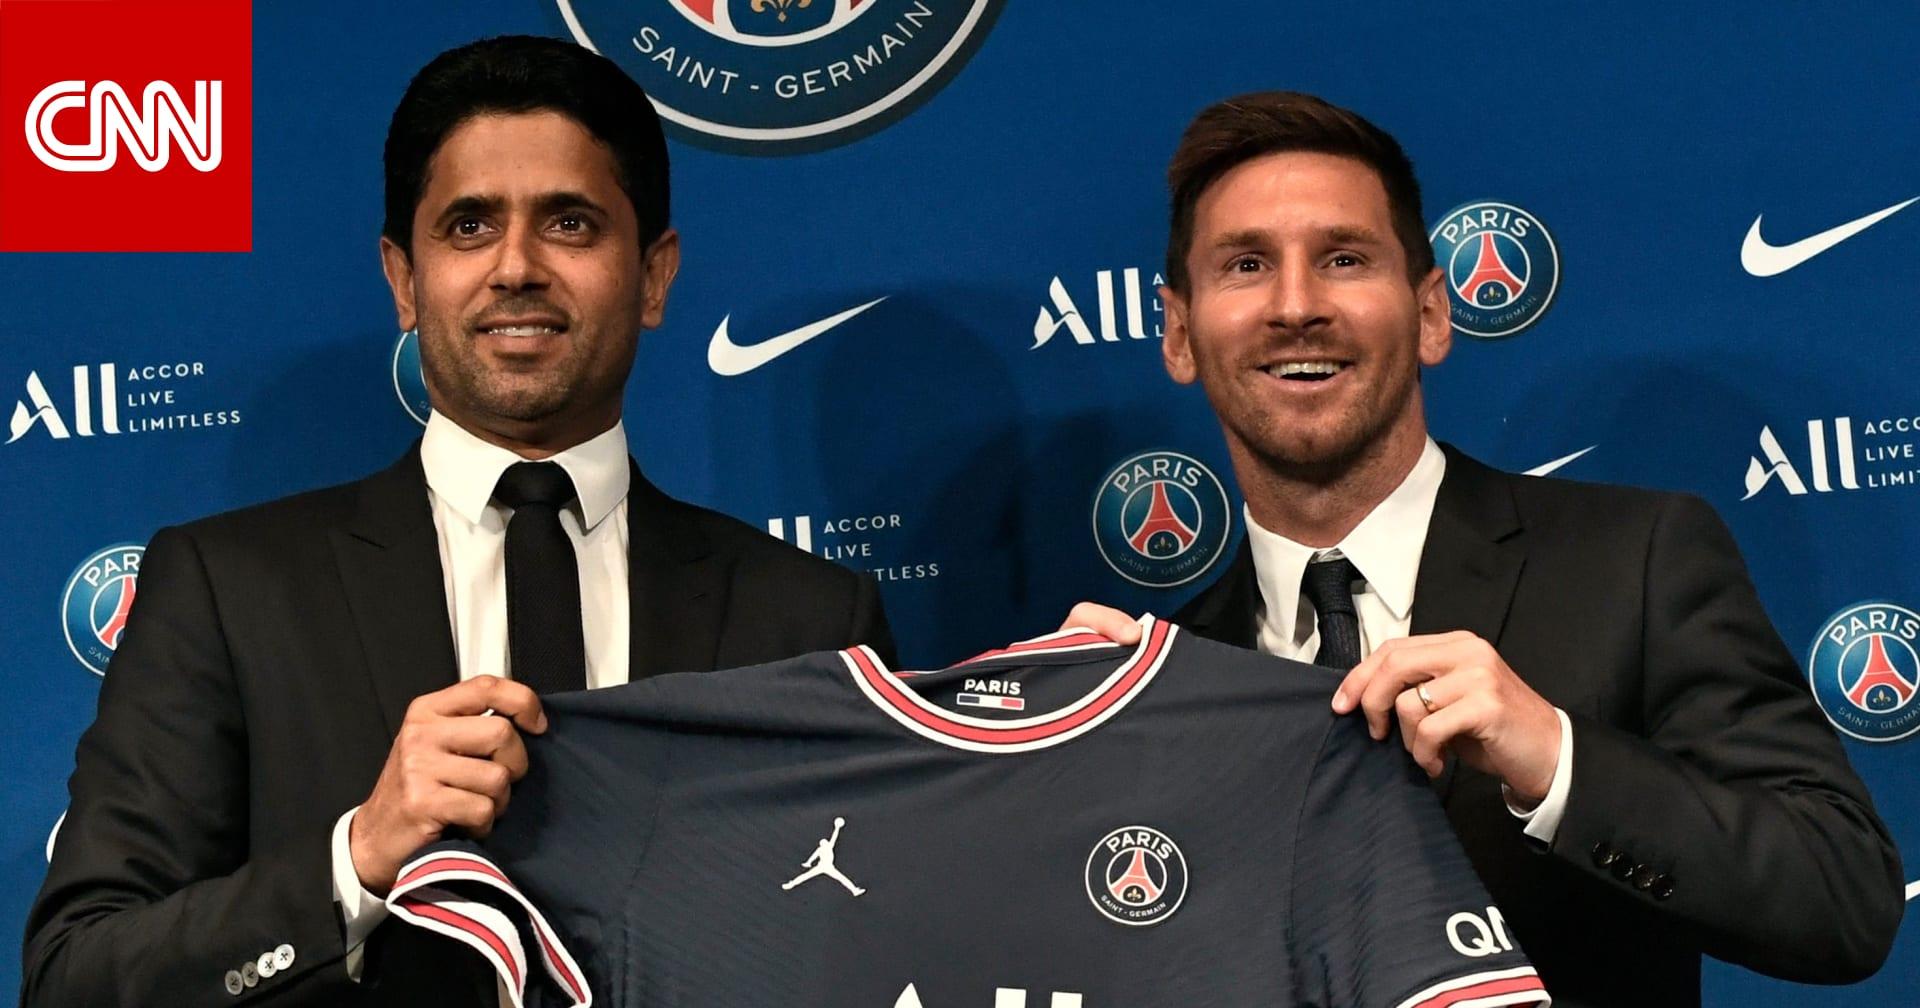 ميسي: وجود مدرب أرجنتيني في باريس شجعني على اتخاذ القرار.. وأعرف نيمار جيدا